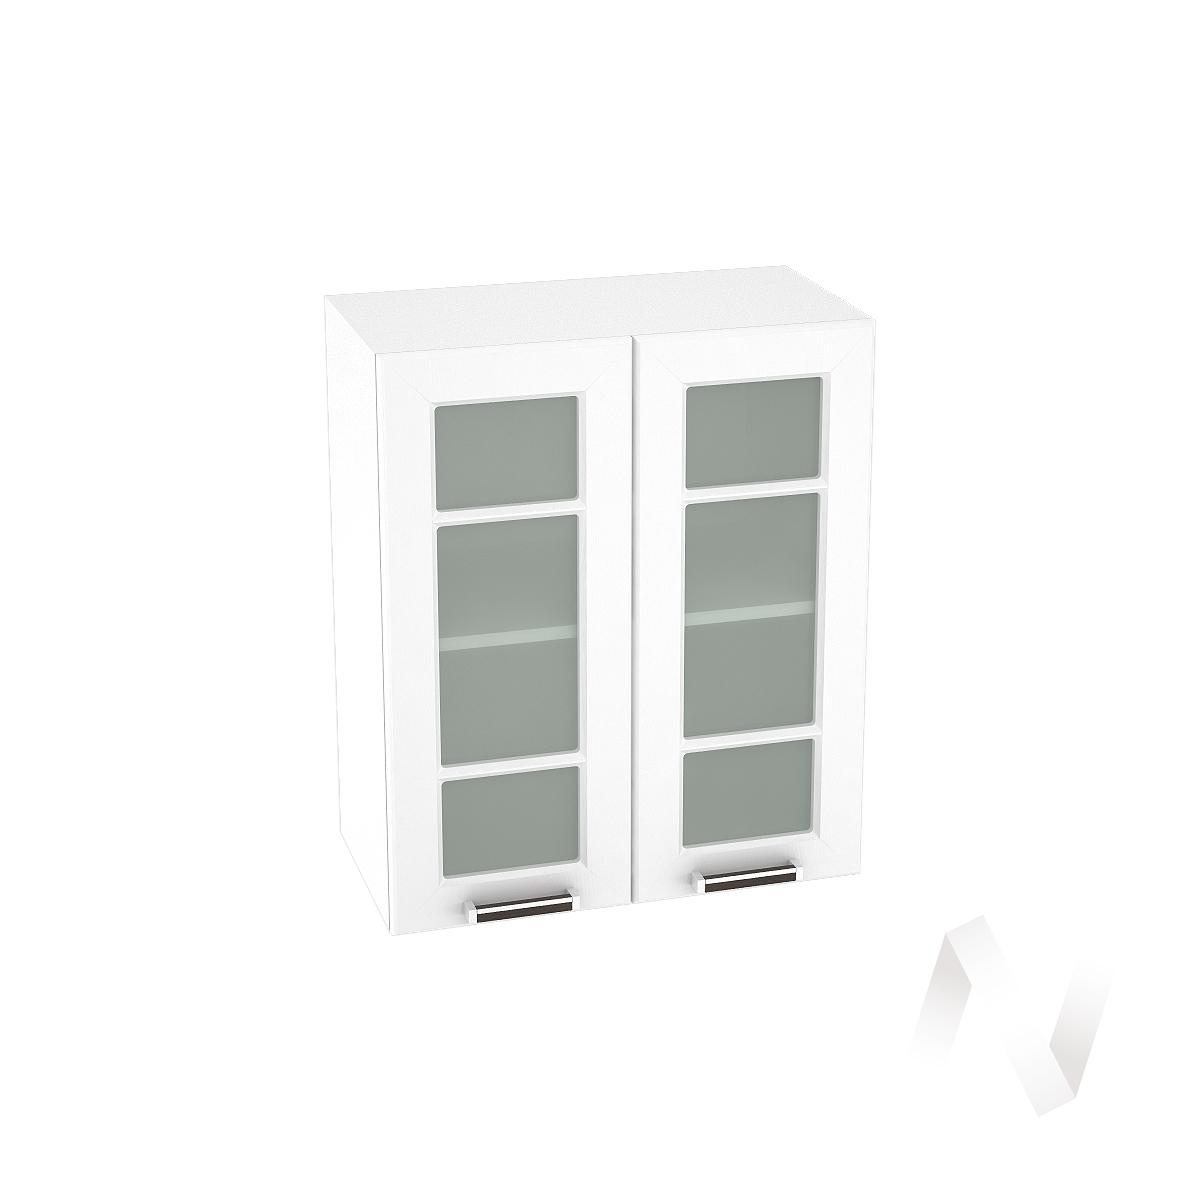 """Кухня """"Прага"""": Шкаф верхний со стеклом 600, ШВС 600 новый (белое дерево/корпус белый)"""